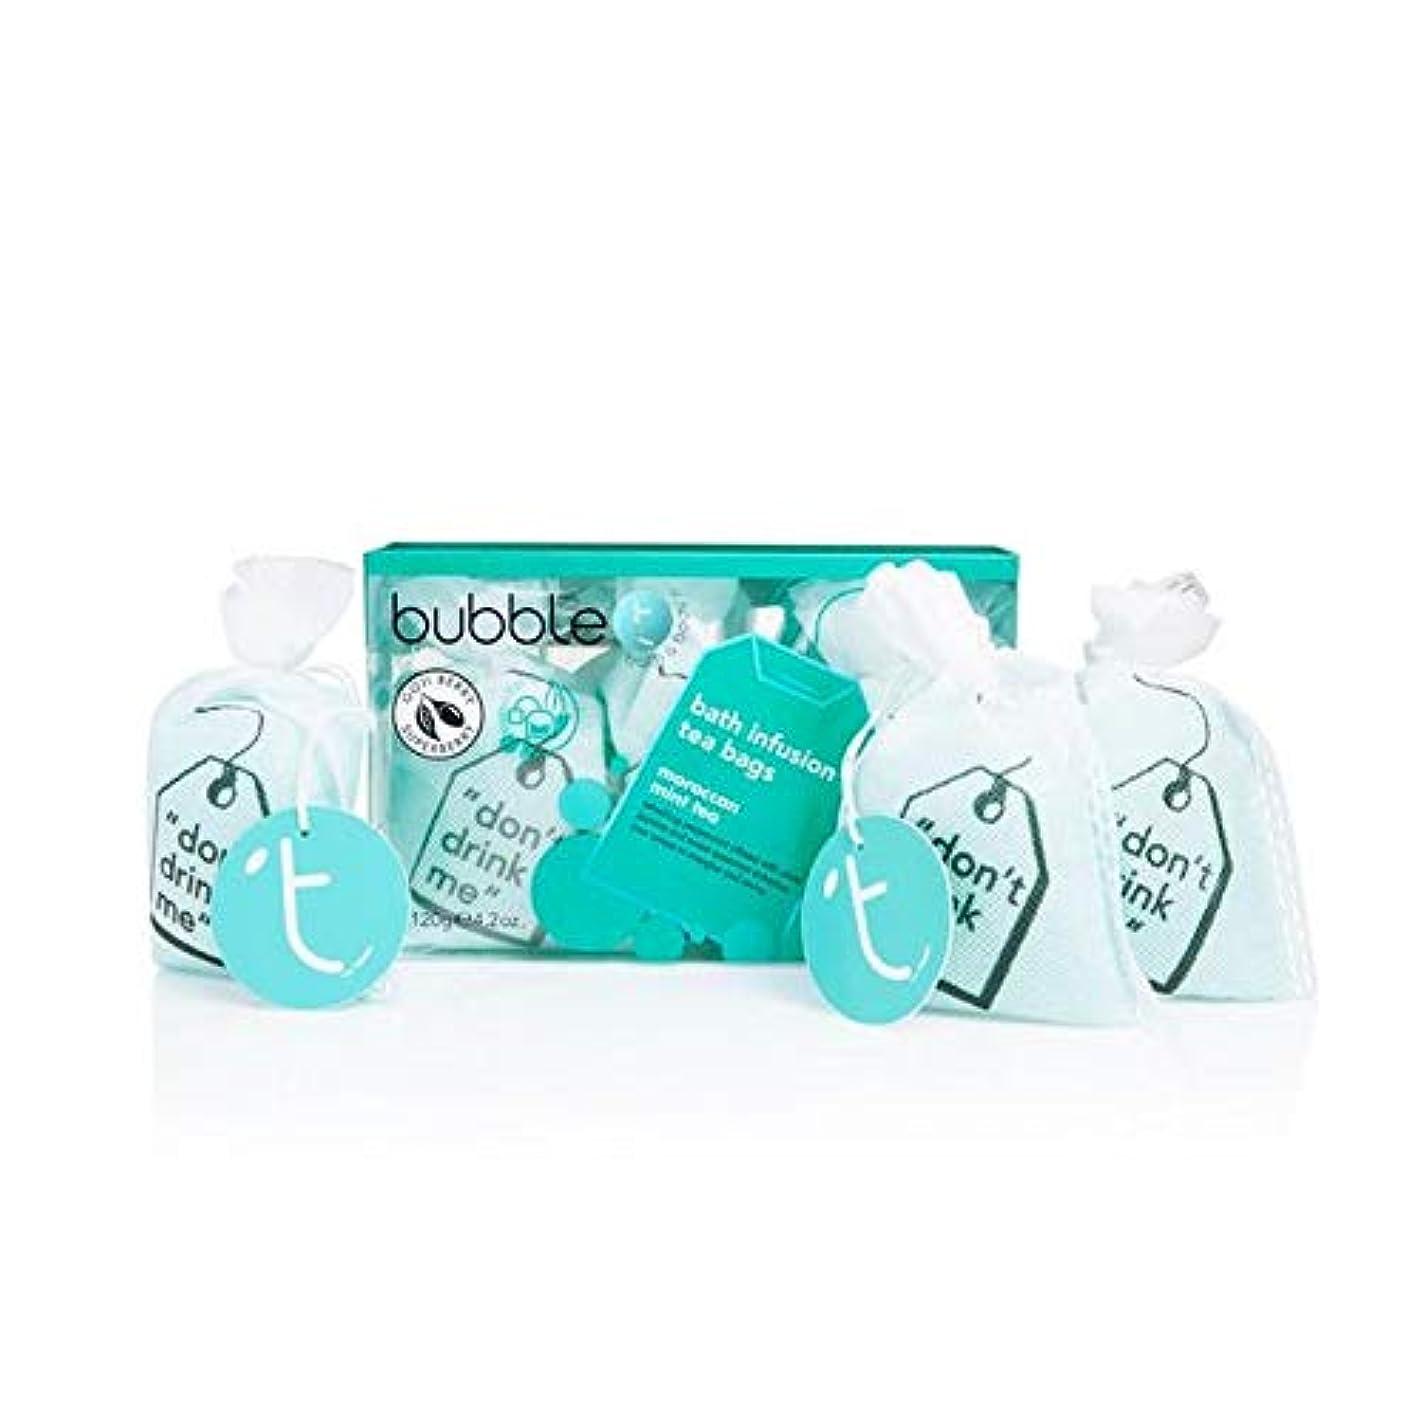 アラート夫婦宴会[Bubble T ] バブルトン化粧品モロッコのミントティー風呂輸液トンバッグ - Bubble T Cosmetics Moroccan Mint Tea Bath Infusion T-Bags [並行輸入品]